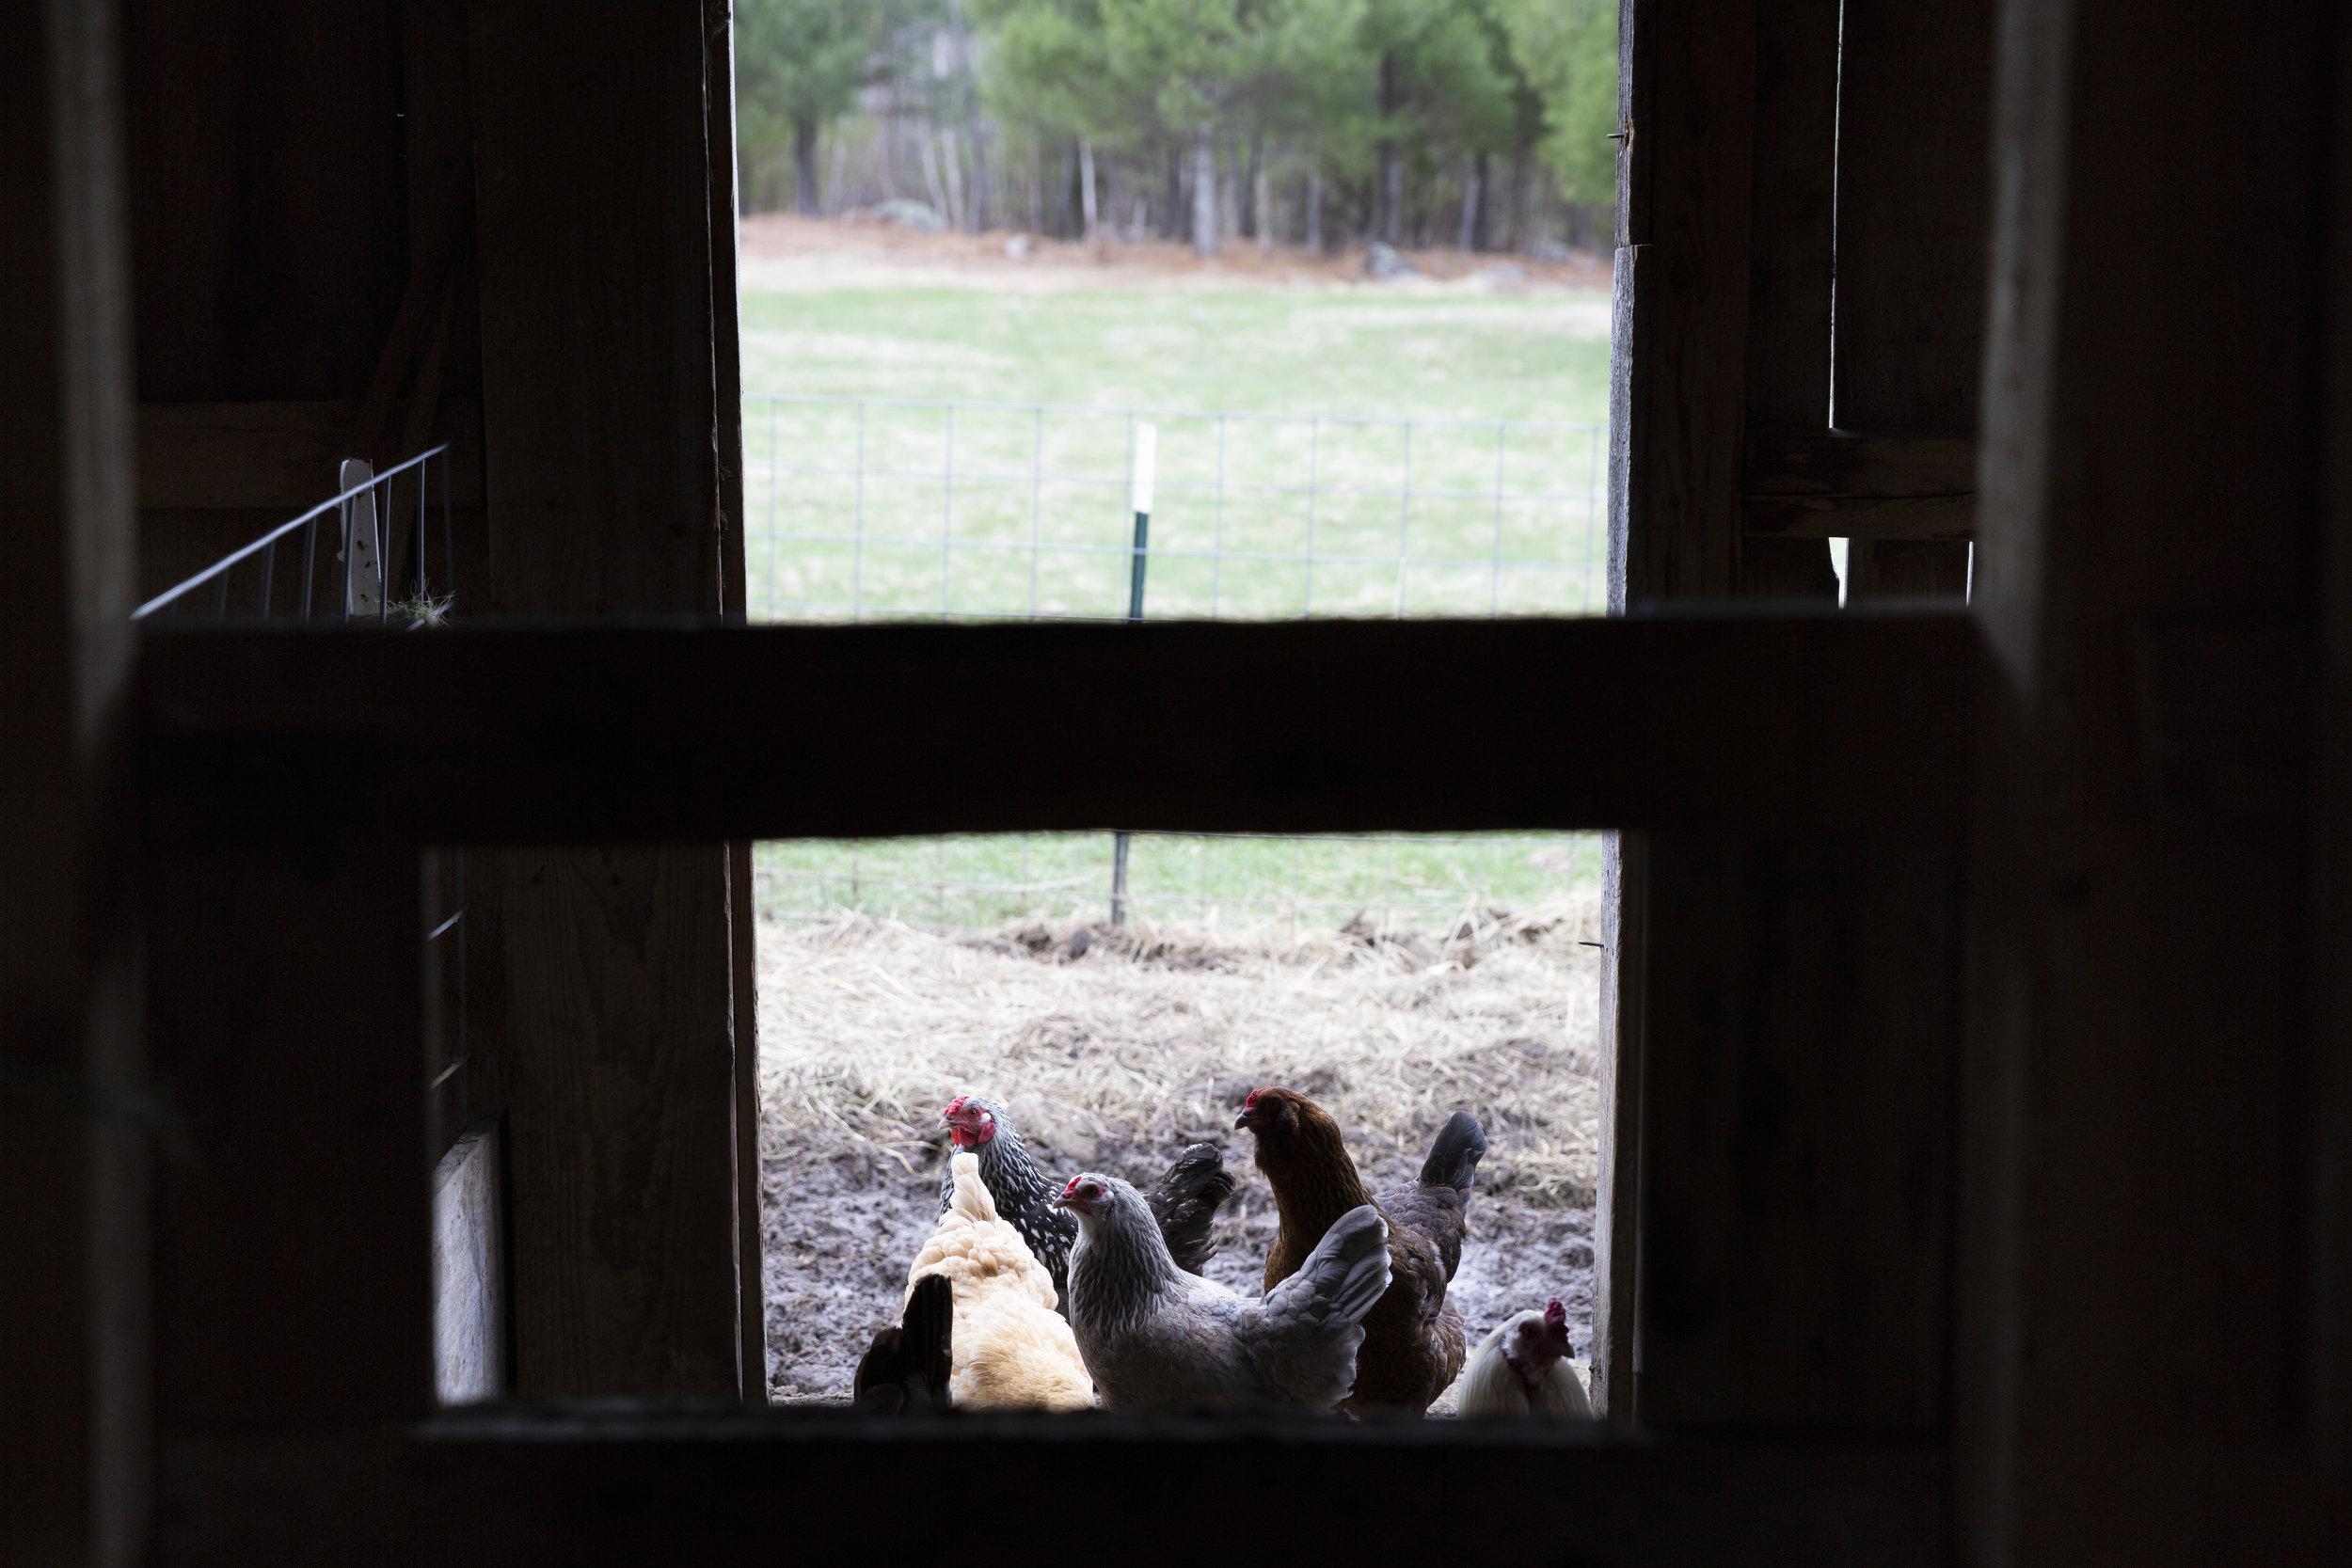 08-Chickens_4-30-18.JPG